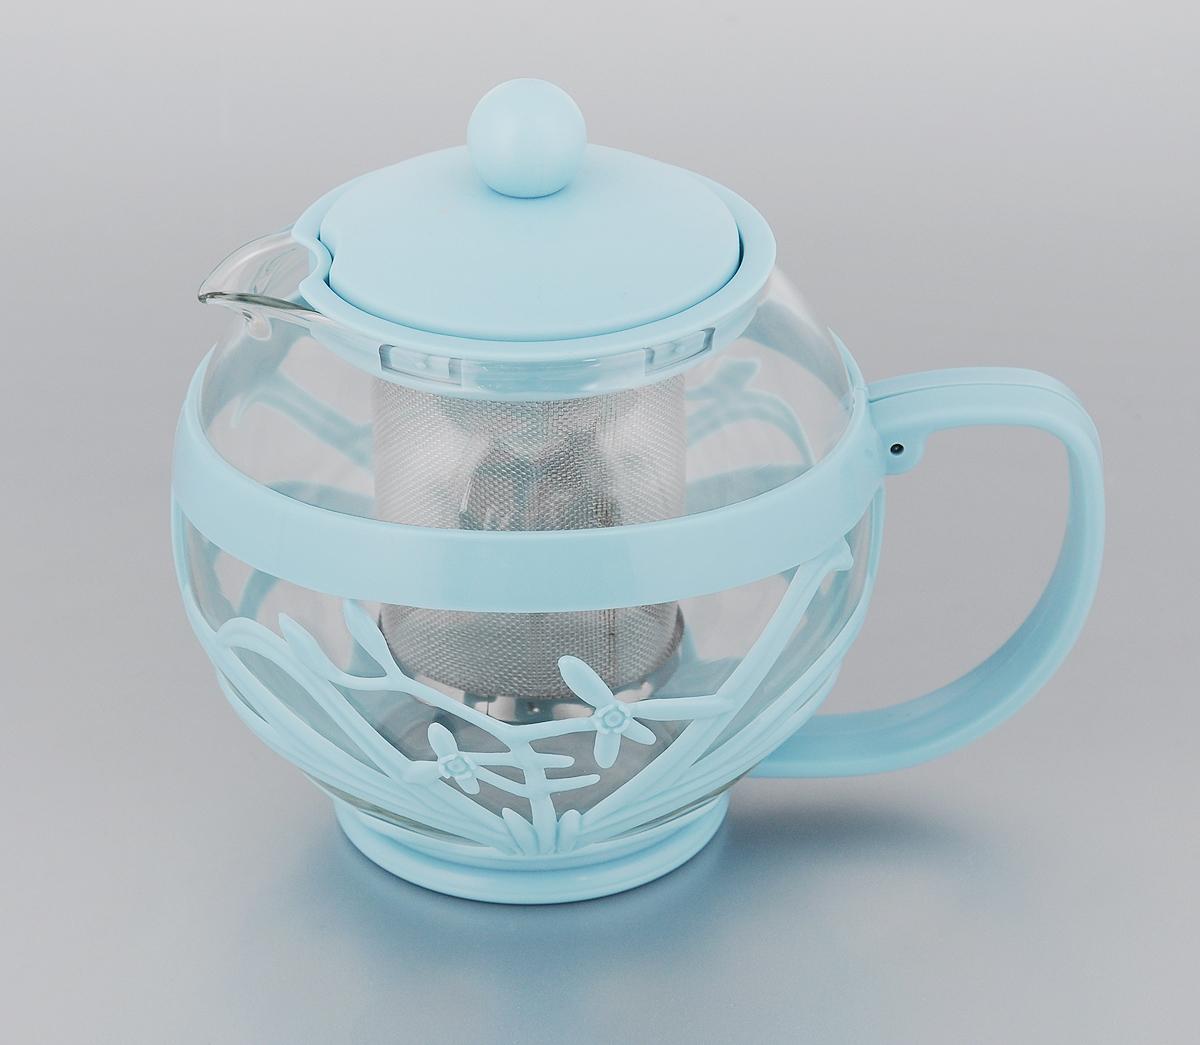 Чайник заварочный Menu Мелисса, с фильтром, цвет: прозрачный, голубой, 750 мл391602Чайник Menu Мелисса изготовлен из прочного стекла и пластика. Он прекрасно подойдет для заваривания чая и травяных напитков. Классический стиль и оптимальный объем делают его удобным и оригинальным аксессуаром. Изделие имеет удлиненный металлический фильтр, который обеспечивает высокое качество фильтрации напитка и позволяет заварить чай даже при небольшом уровне воды. Ручка чайника не нагревается и обеспечивает безопасность использования. Нельзя мыть в посудомоечной машине. Диаметр чайника (по верхнему краю): 8 см.Высота чайника (без учета крышки): 11 см.Размер фильтра: 6 х 6 х 7,2 см.